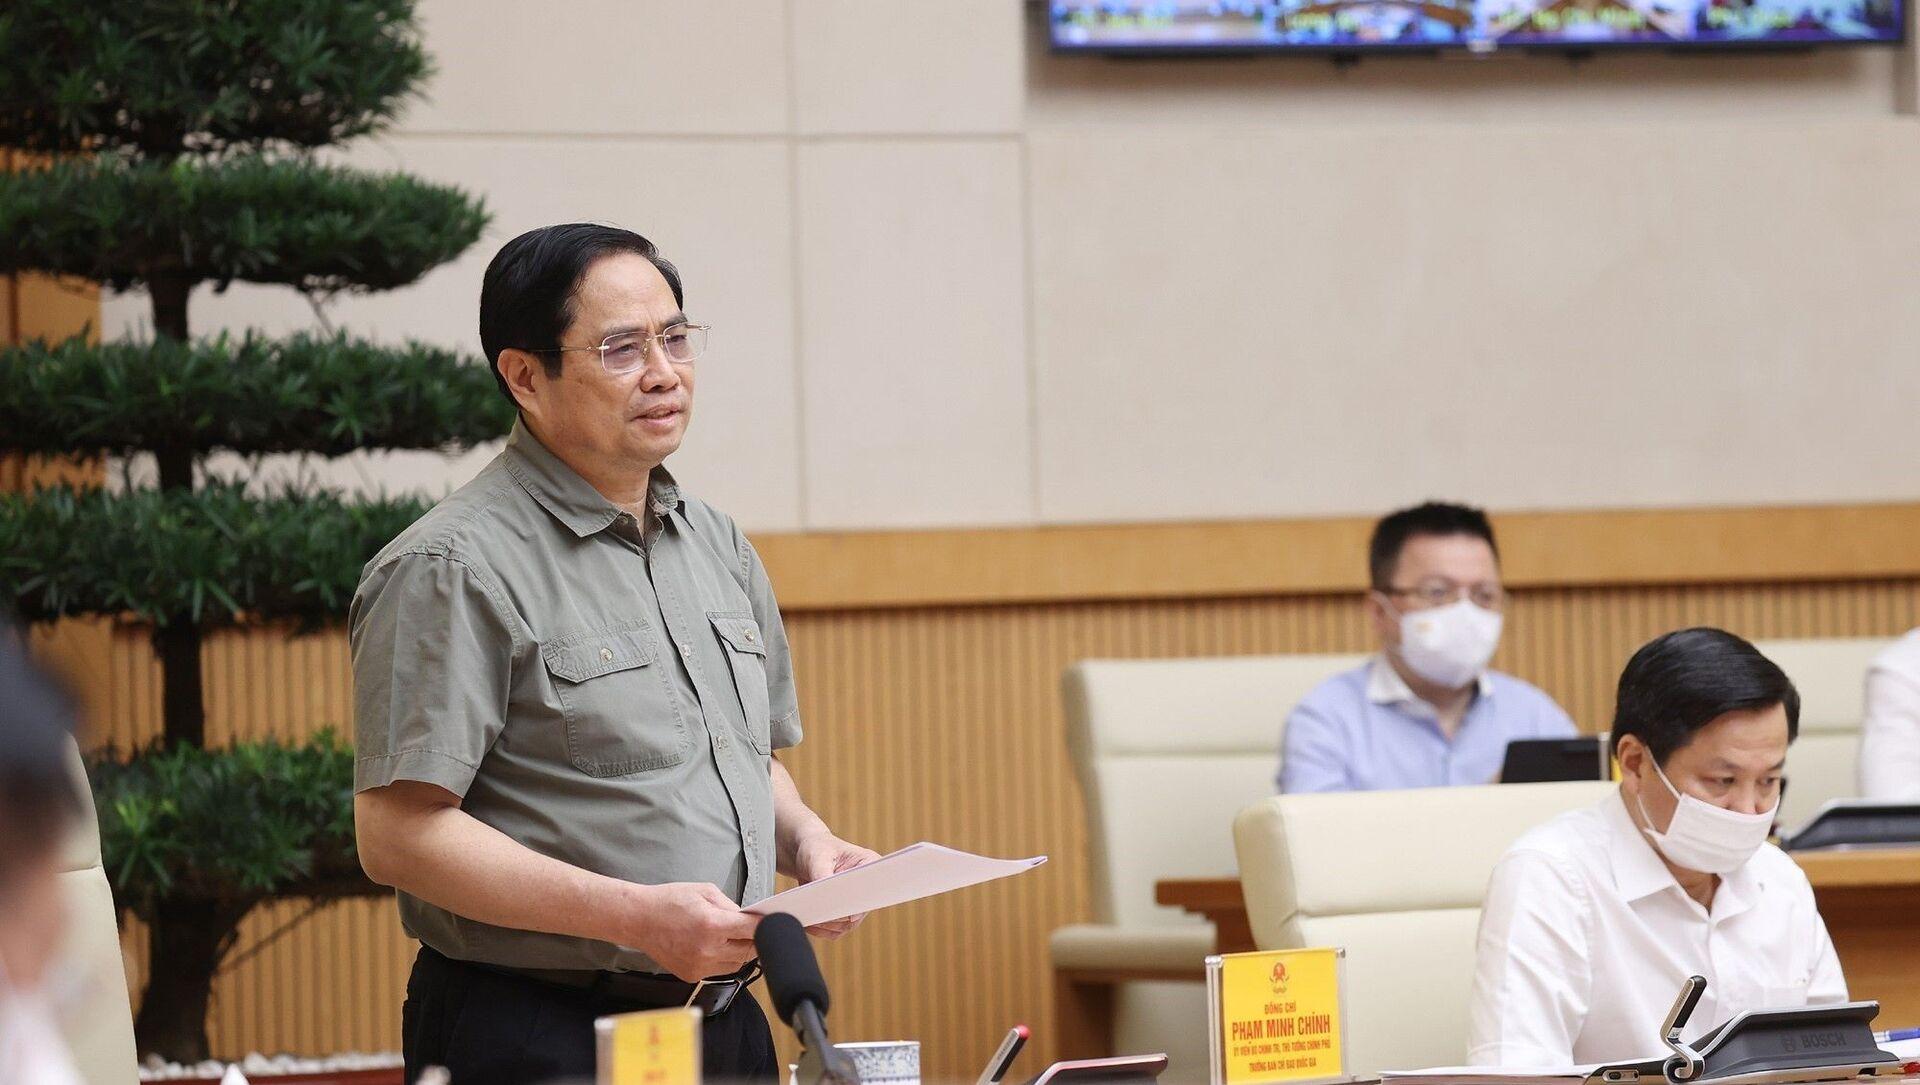 Thủ tướng Phạm Minh Chính phát biểu kết luận cuộc họp - Sputnik Việt Nam, 1920, 14.09.2021